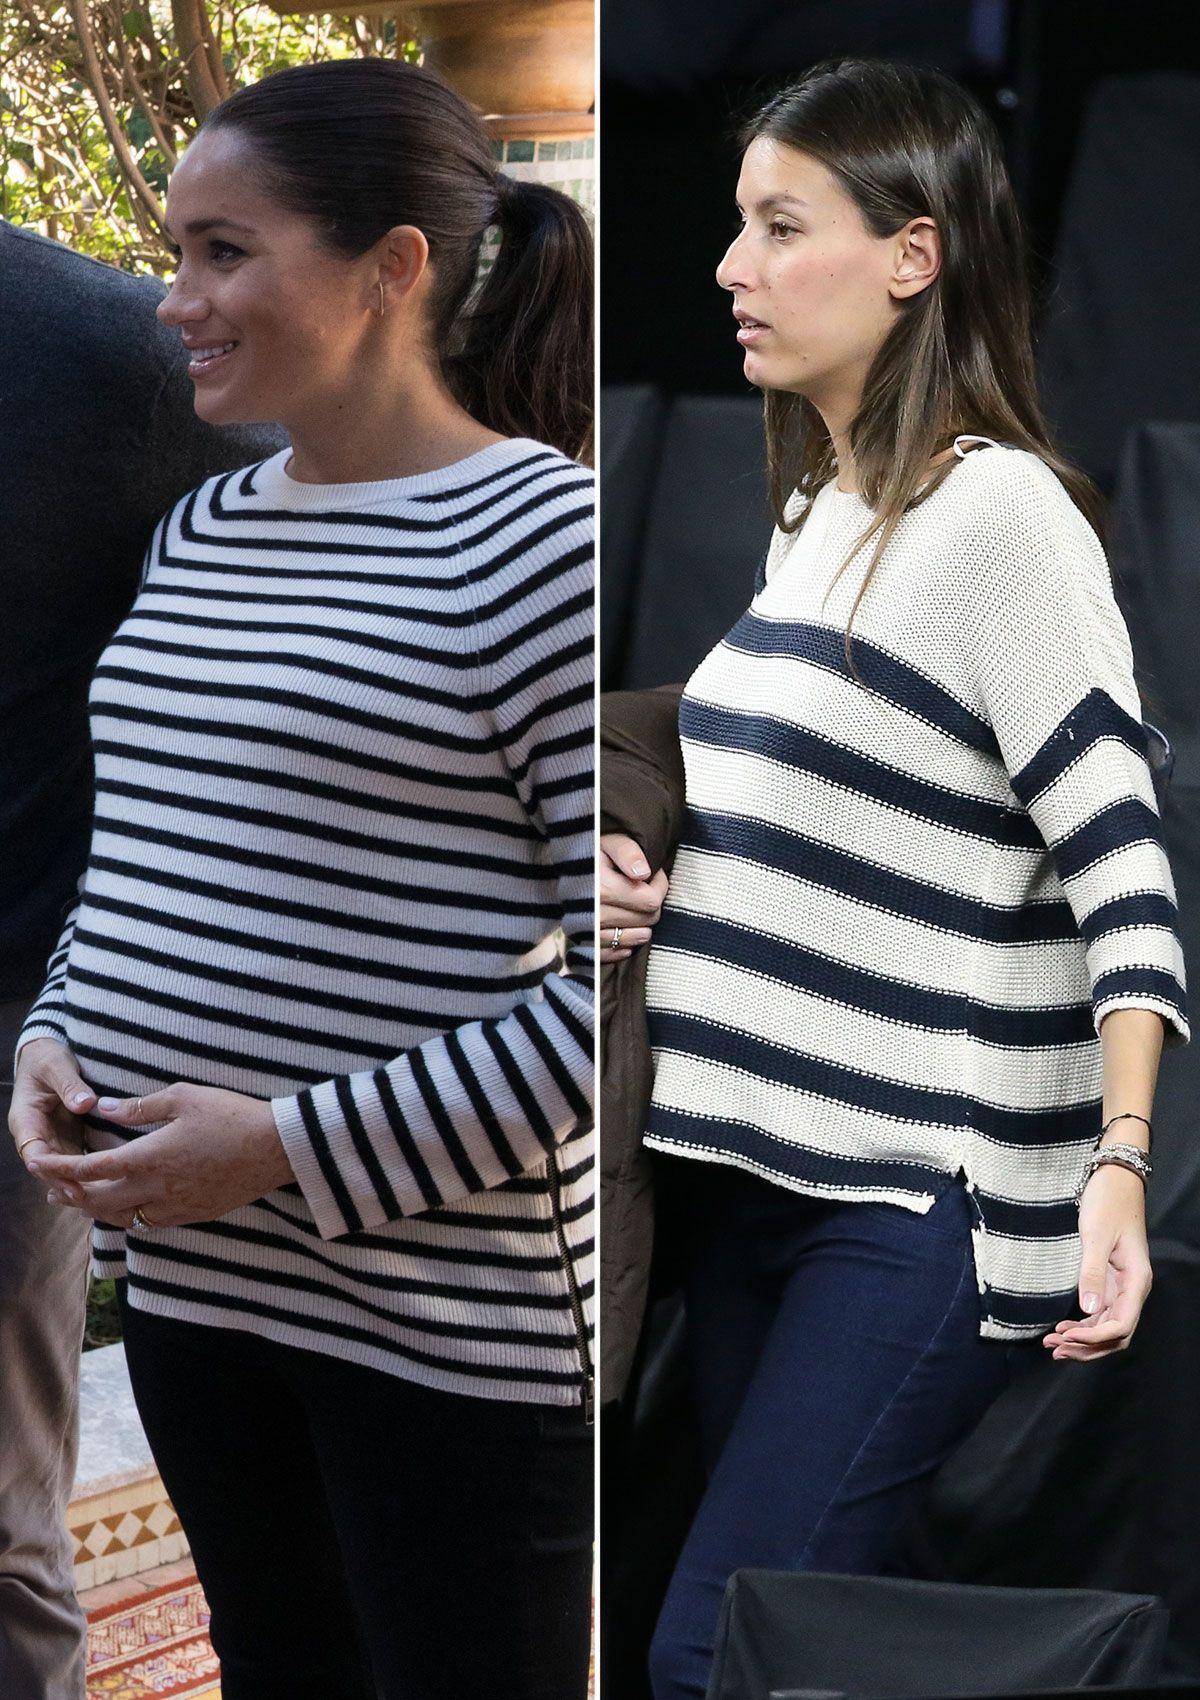 Meghan Markle y sus looks premamá triunfan entre las famosas españolas que están embarazadas. Isabel Jiménez, Helen Lindes y Sara Sálamo son algunas de las celebs que ha llevado looks similares a los de la duquesa de Sussex.